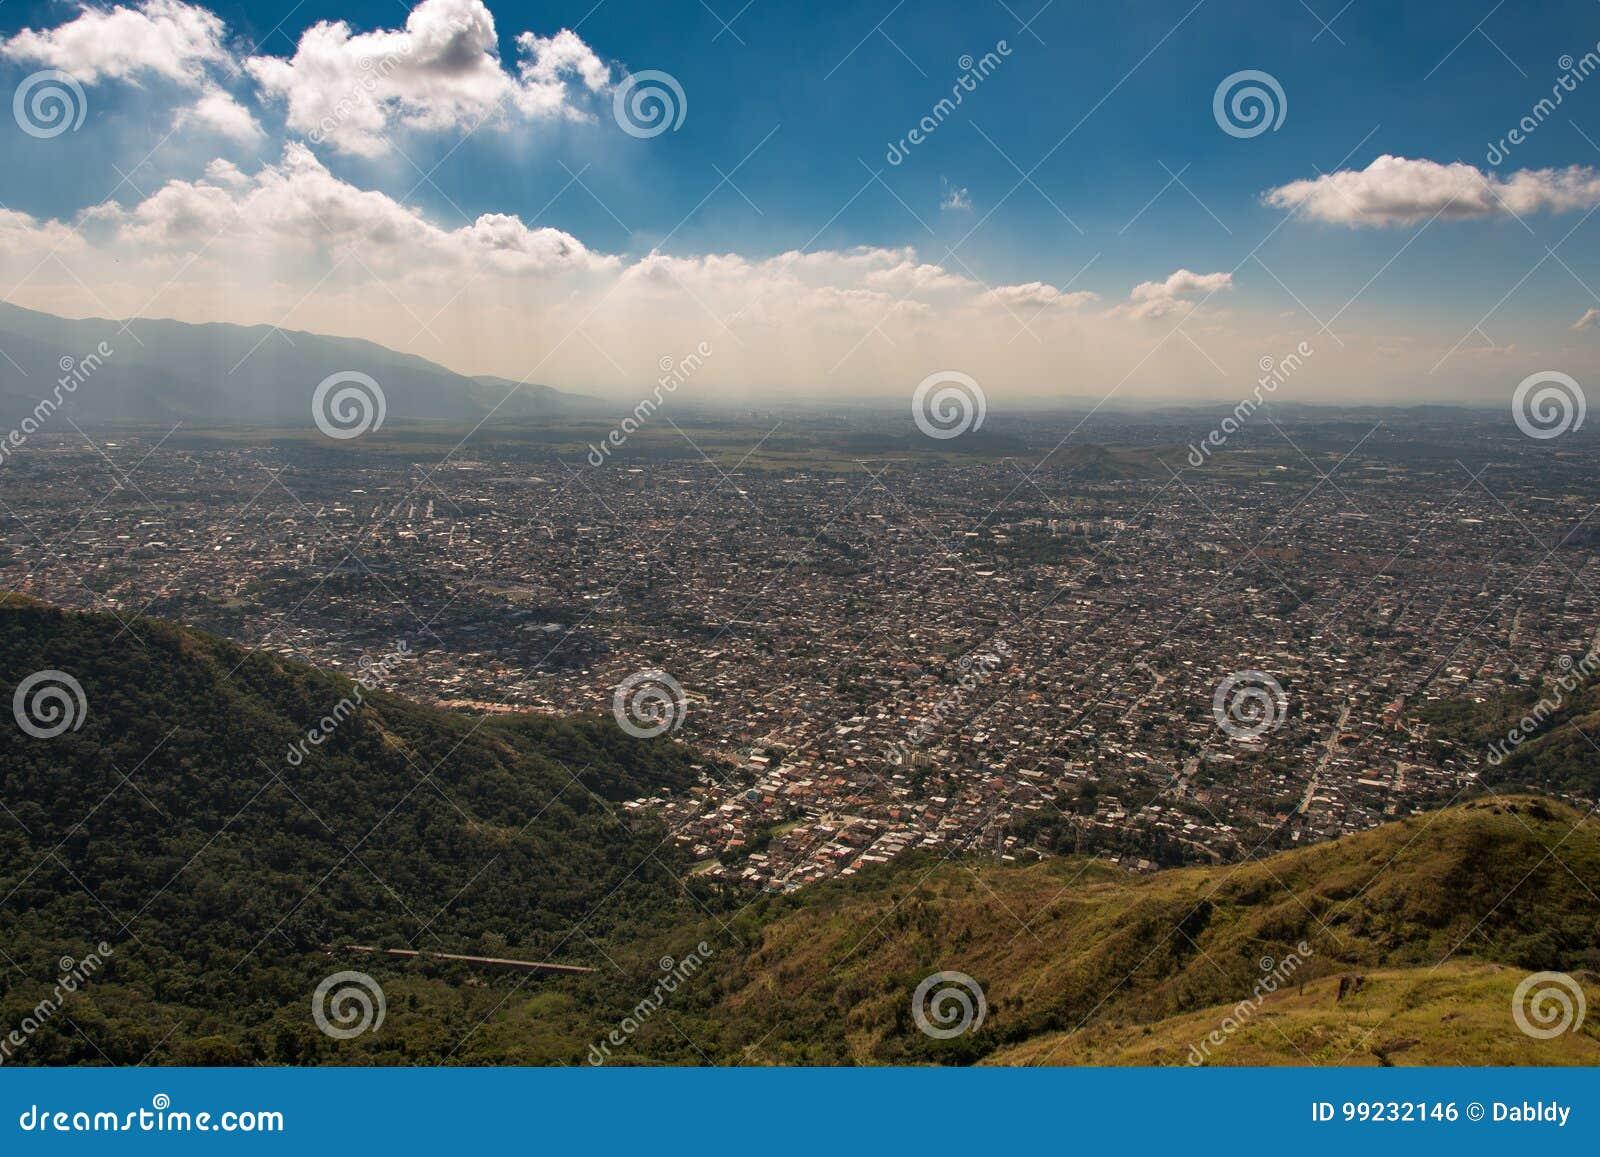 Rio de Janeiro Suburbs